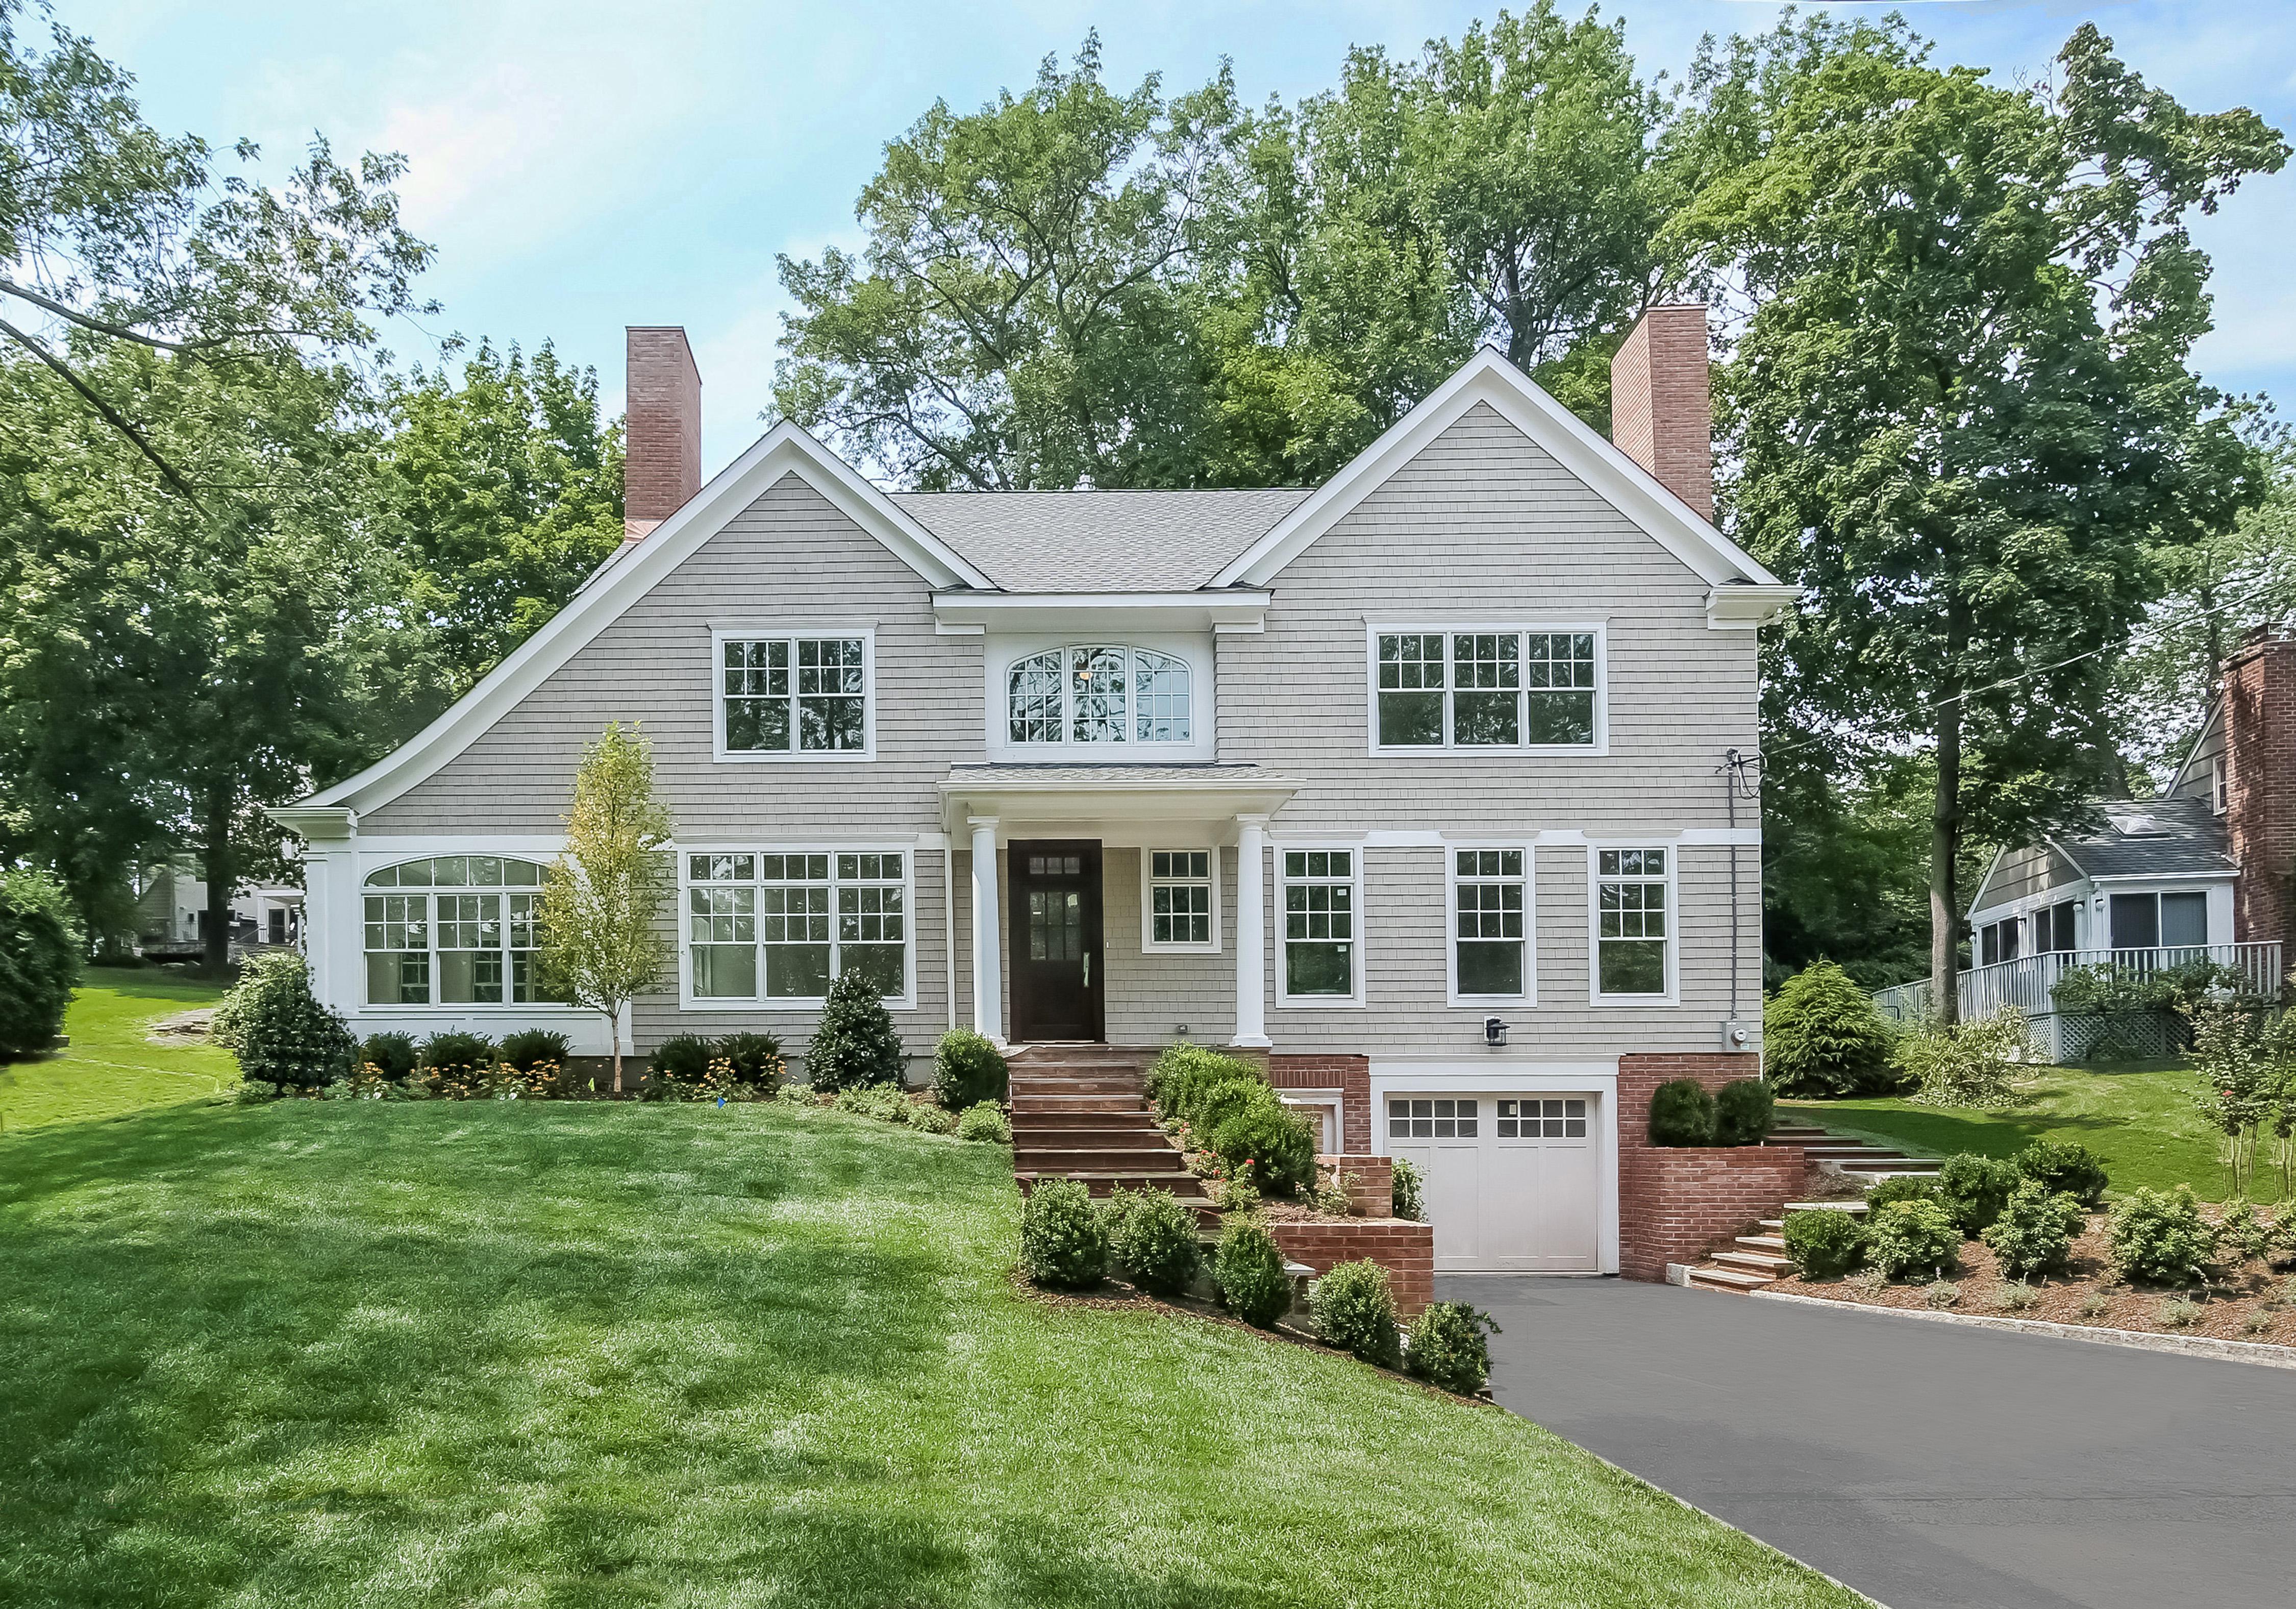 Villa per Vendita alle ore Rye Gardens New Construction Home 15 Colby Avenue Rye, New York 10580 Stati Uniti